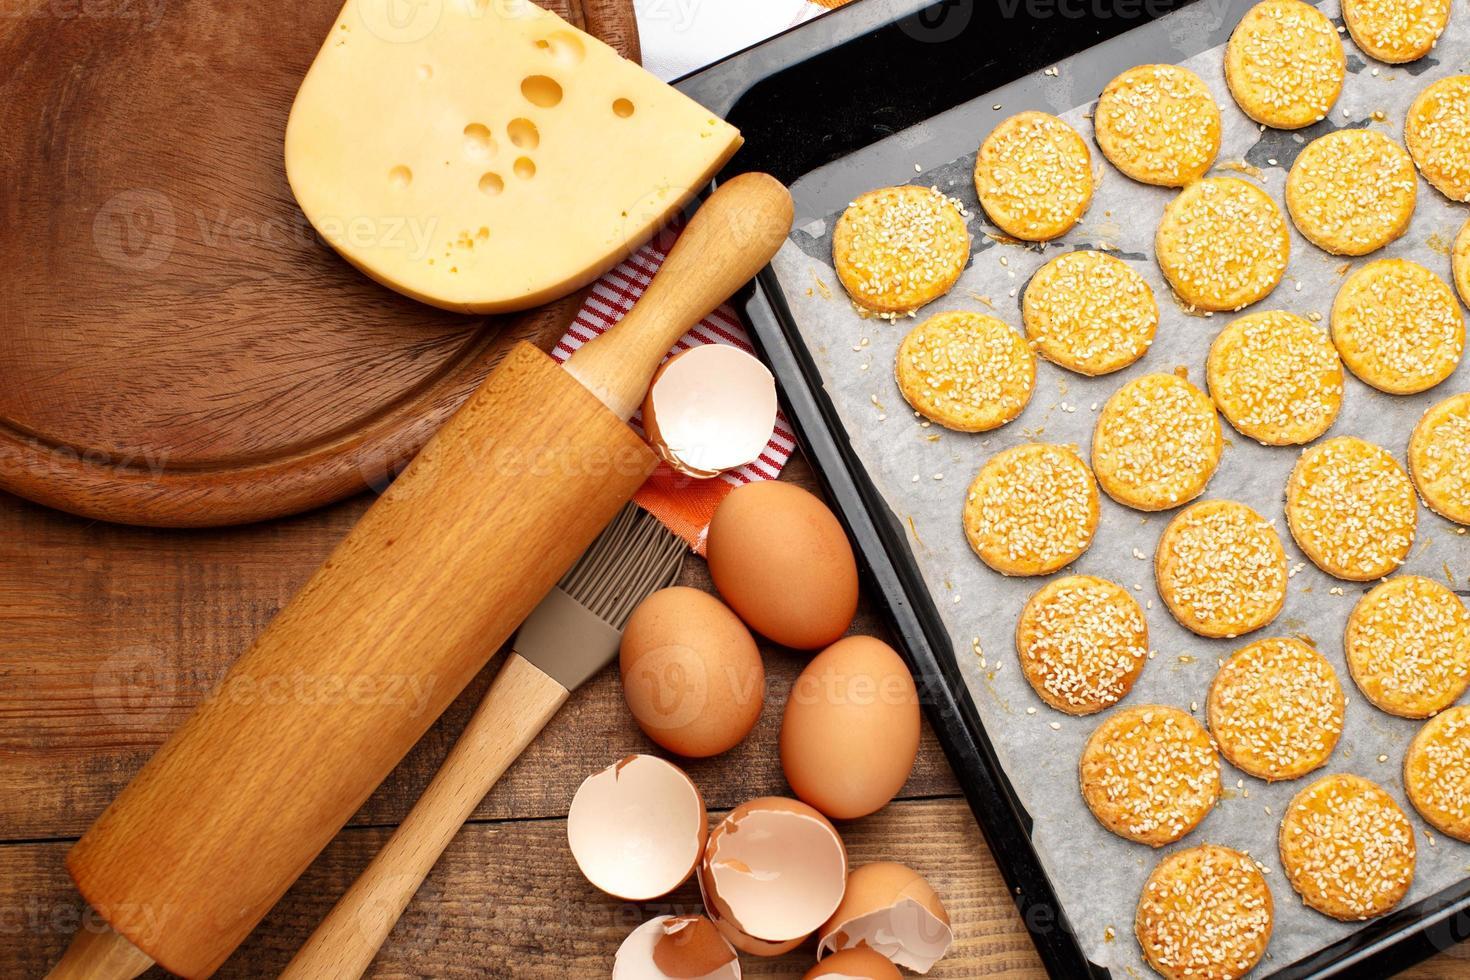 biscuits au fromage sur fond de bois photo